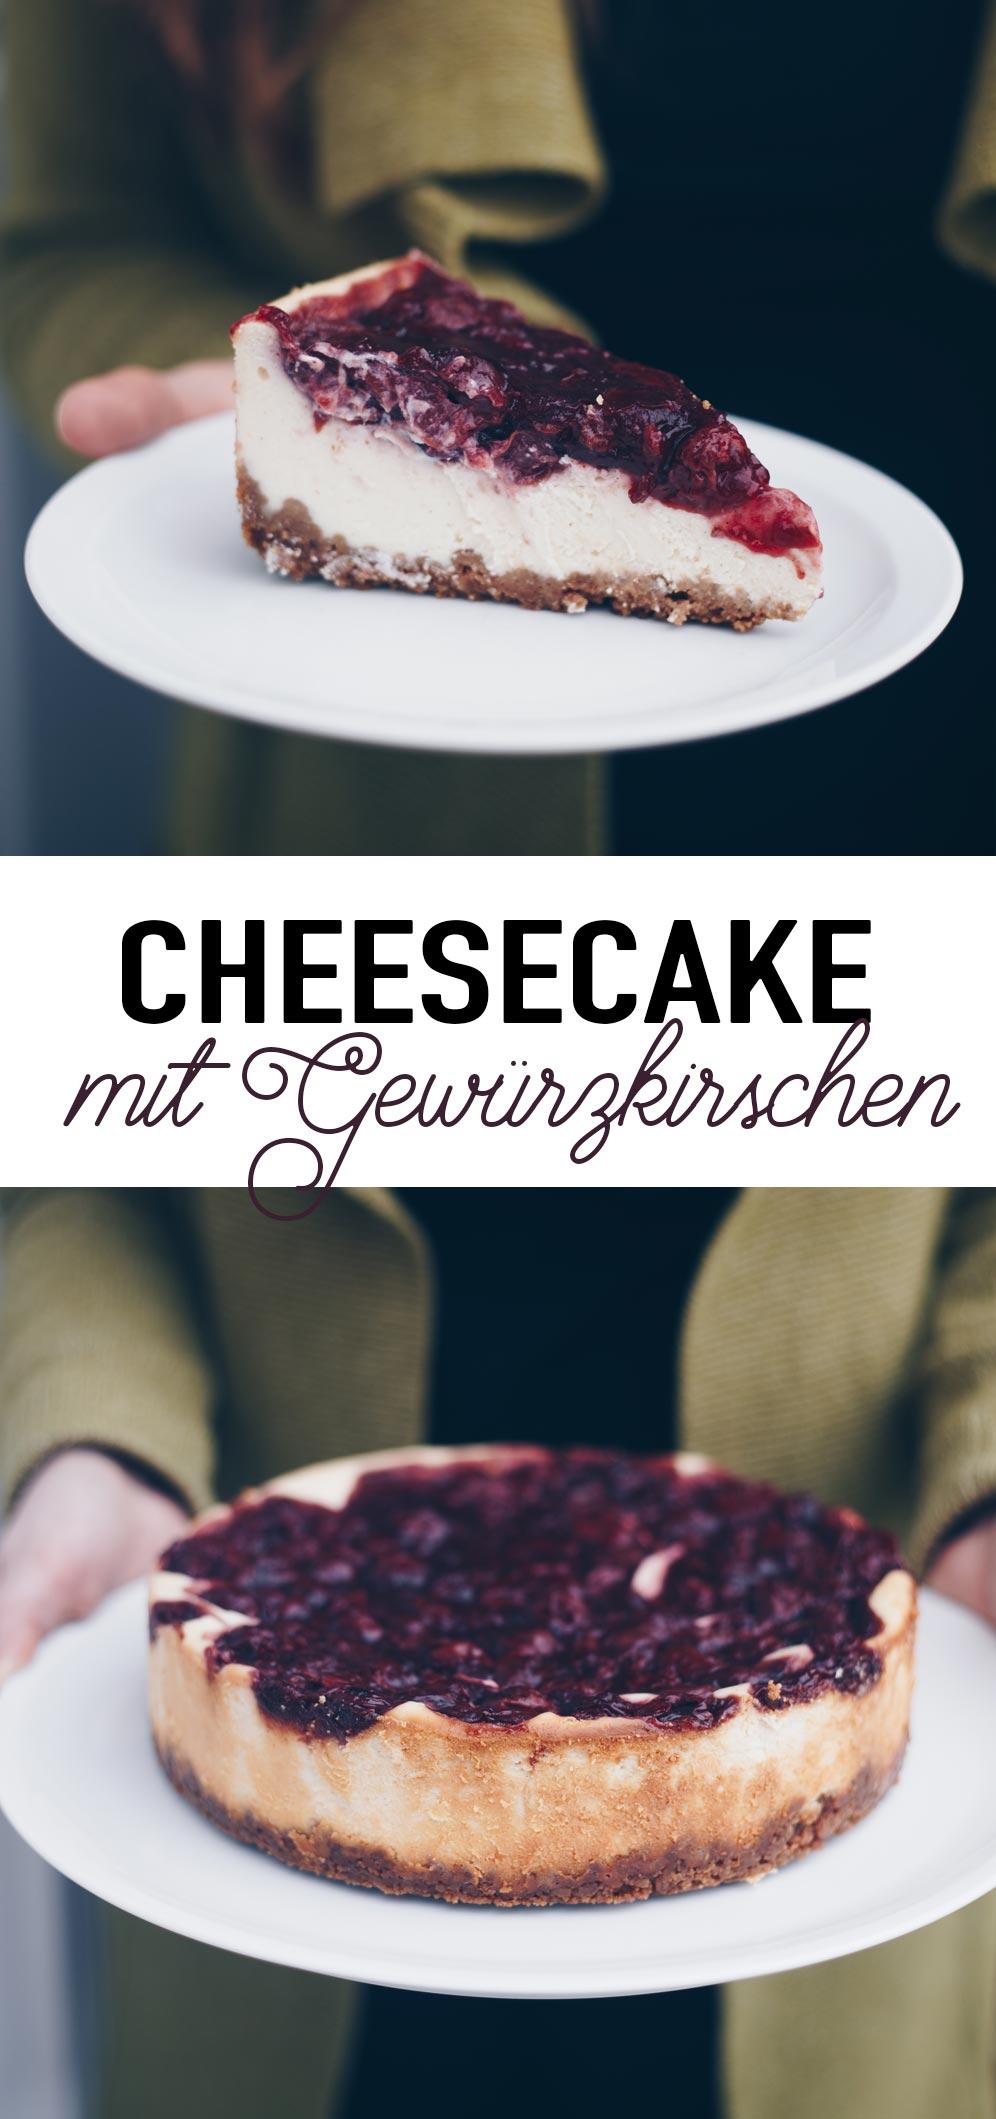 Cheesecake mit Gewürzkirschen - winterlichen Cheesecake backen